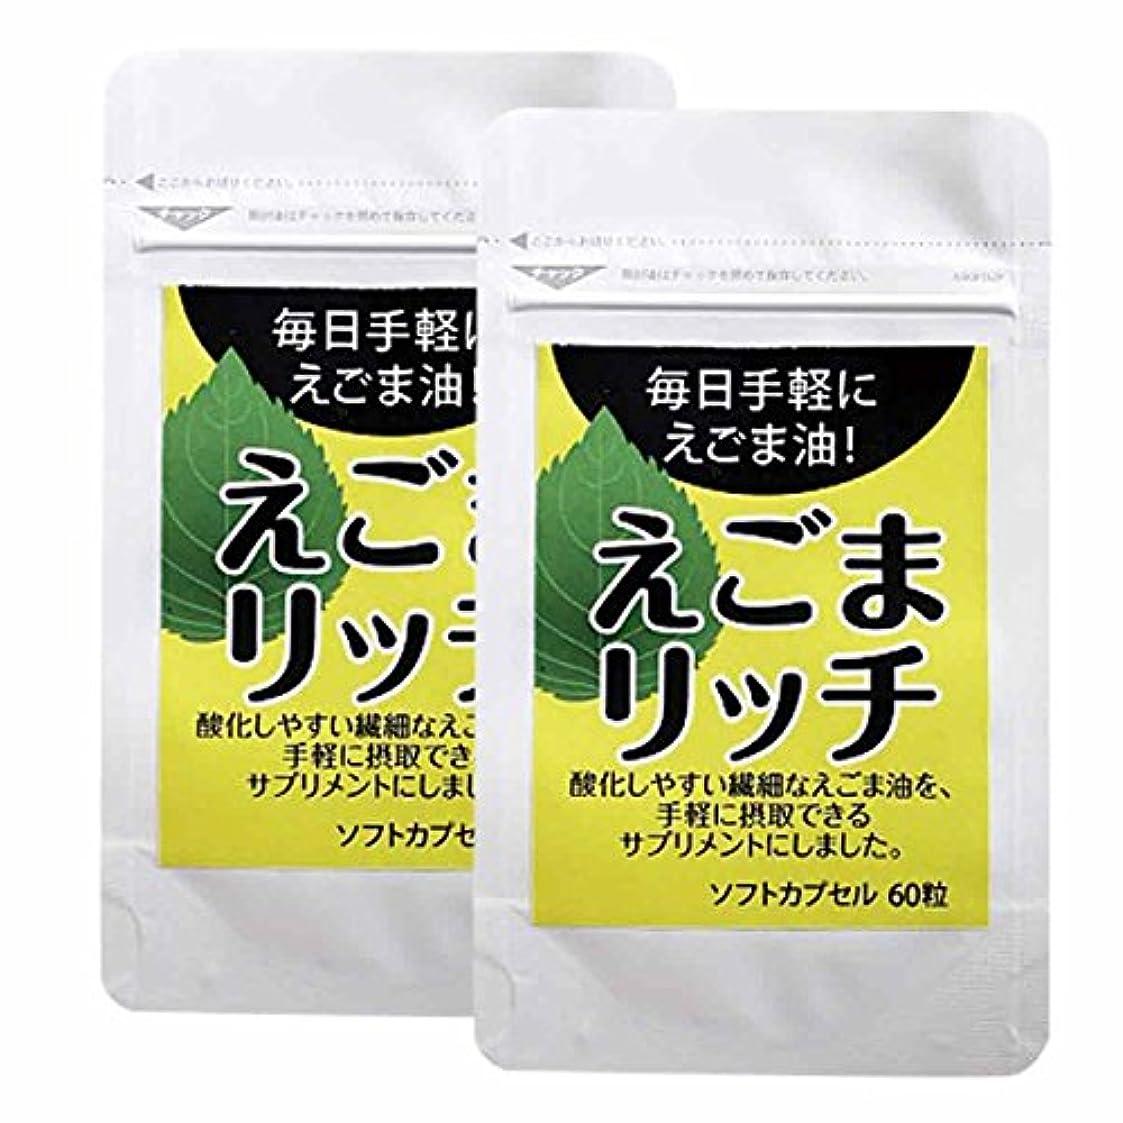 スケッチファーザーファージュクラウンえごまリッチ 60粒【2袋セット】